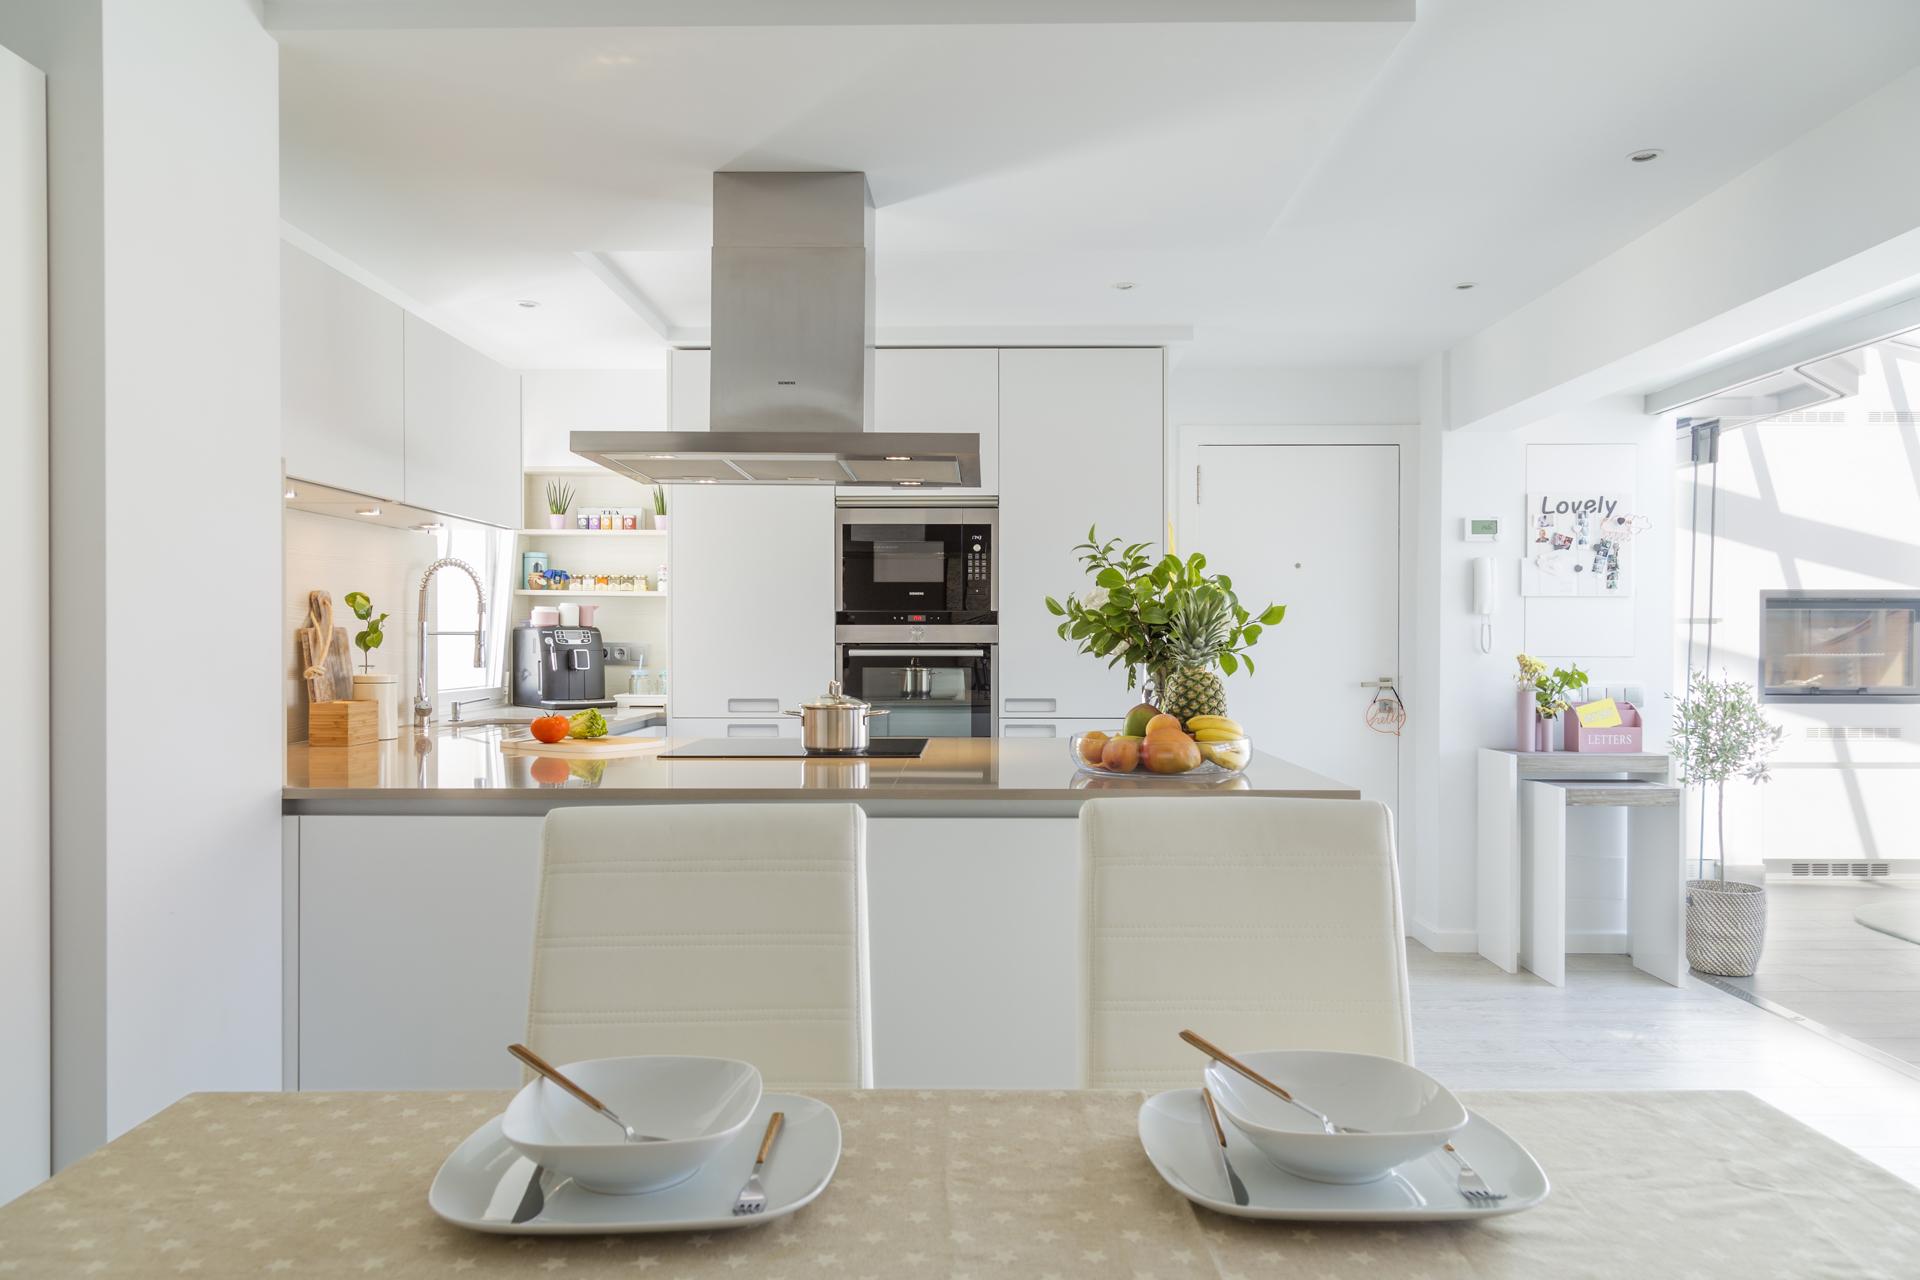 cocinas-blancas-abiertas-salon-diseno-santos-santiago-interiores-cheerup-03